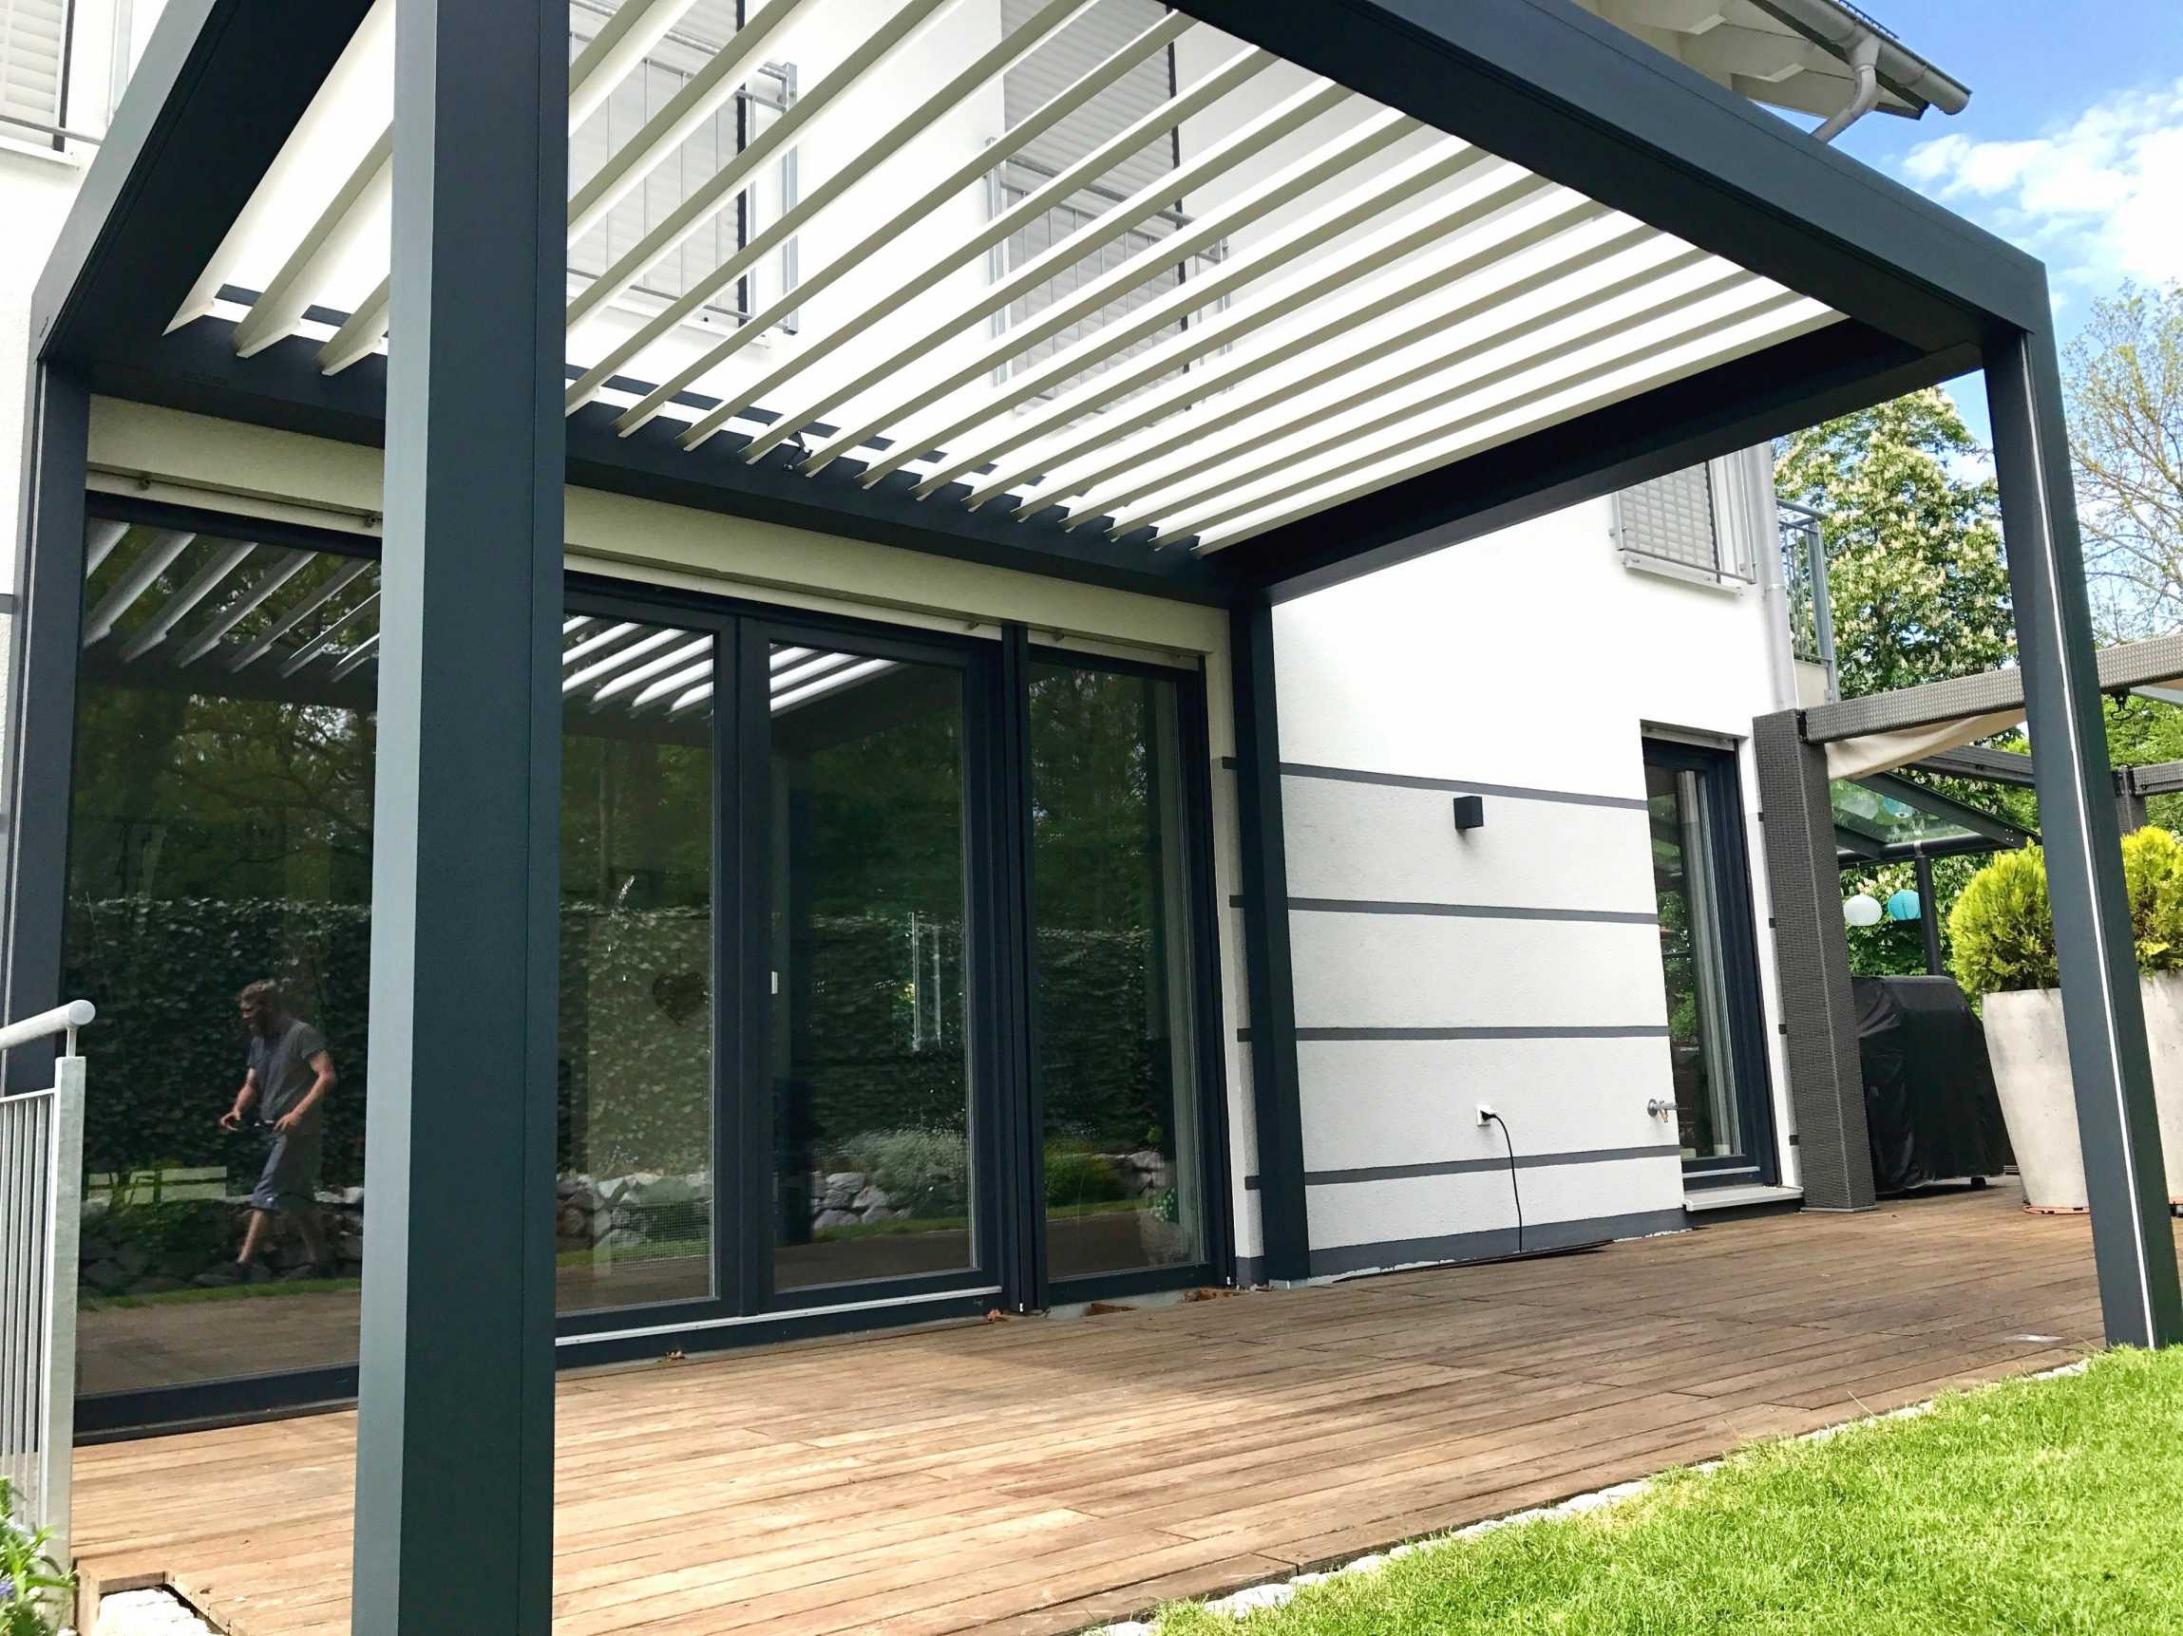 42 inspirierend balkongestaltung schmaler balkon balkongestaltung kleiner balkon balkongestaltung kleiner balkon 3